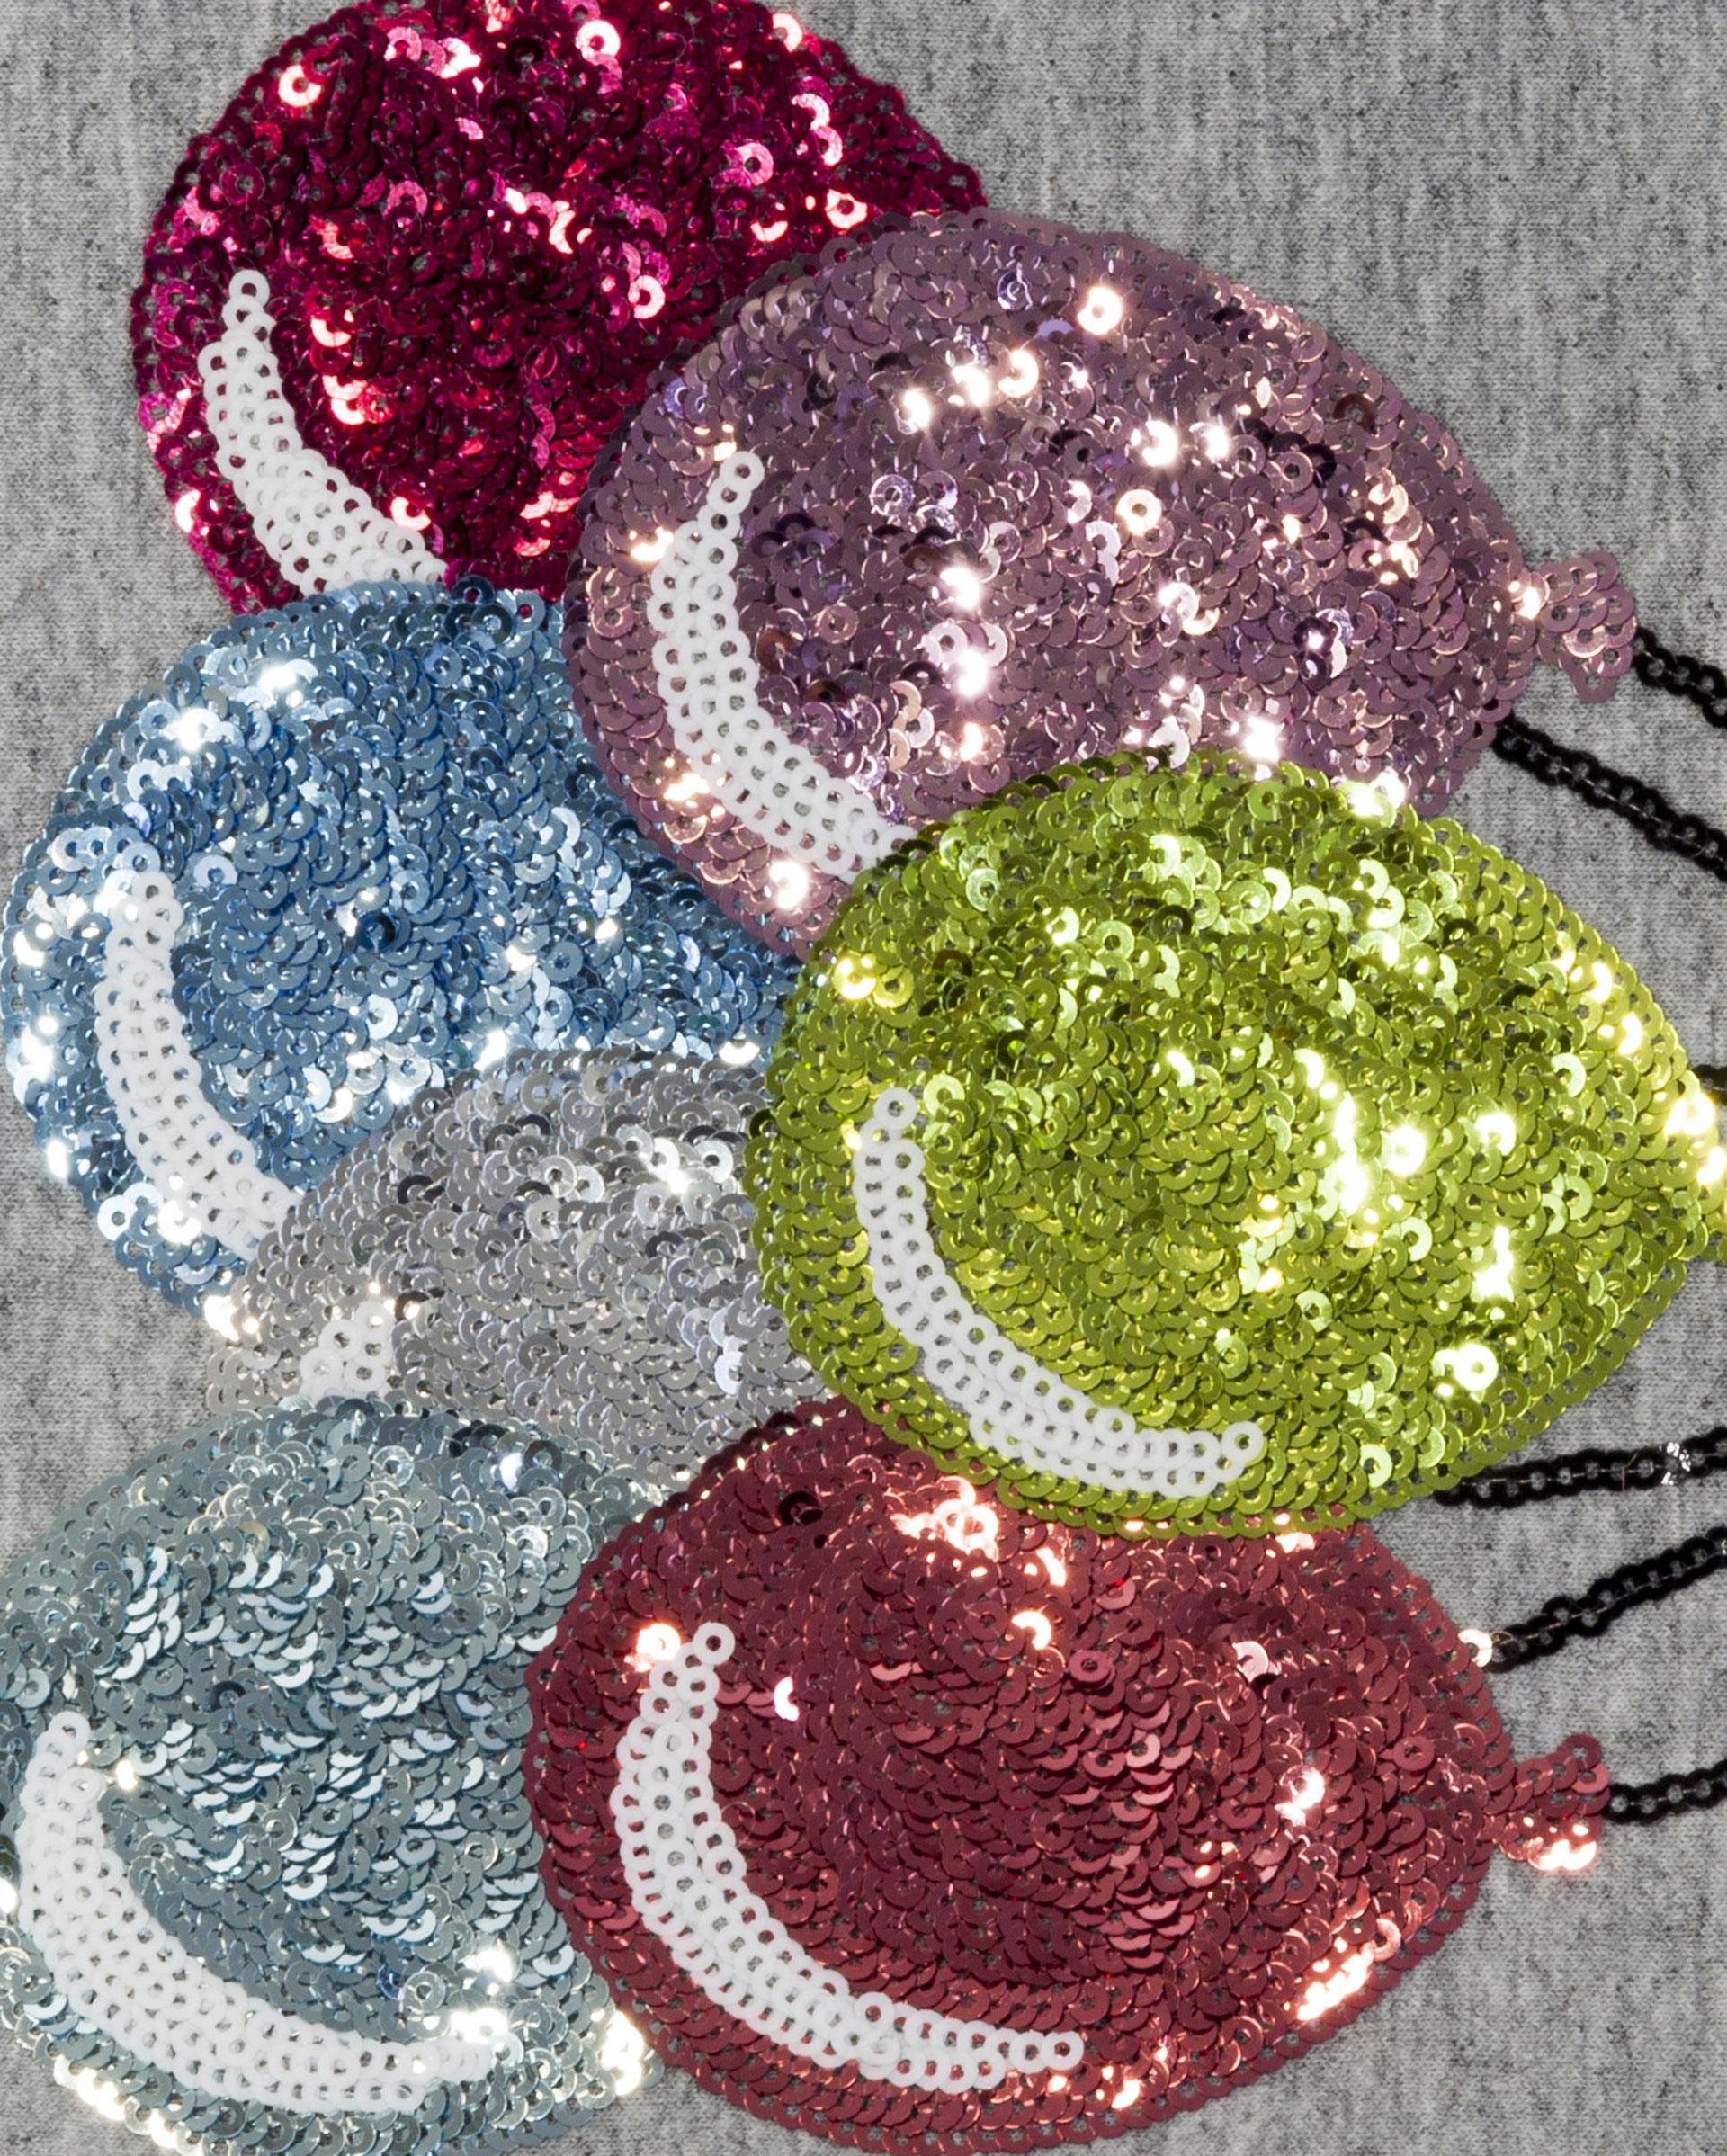 pallettes 02 - Ricami con paillettes